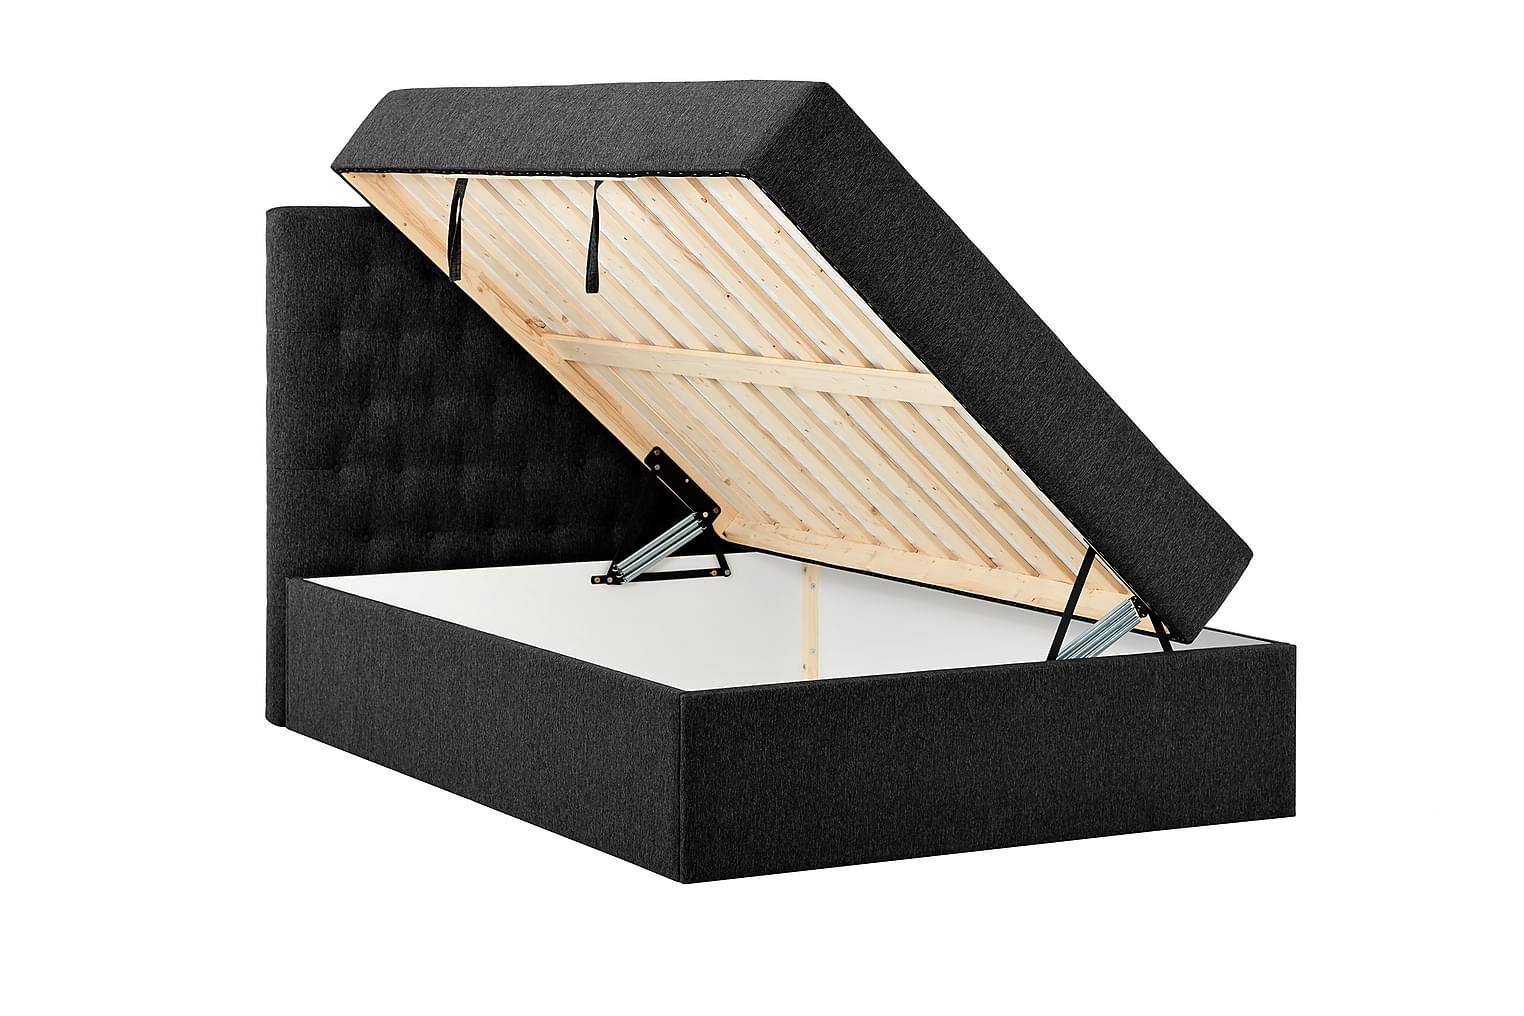 BOXBED Säilytyssänky 140 - Sänkypaketti Musta